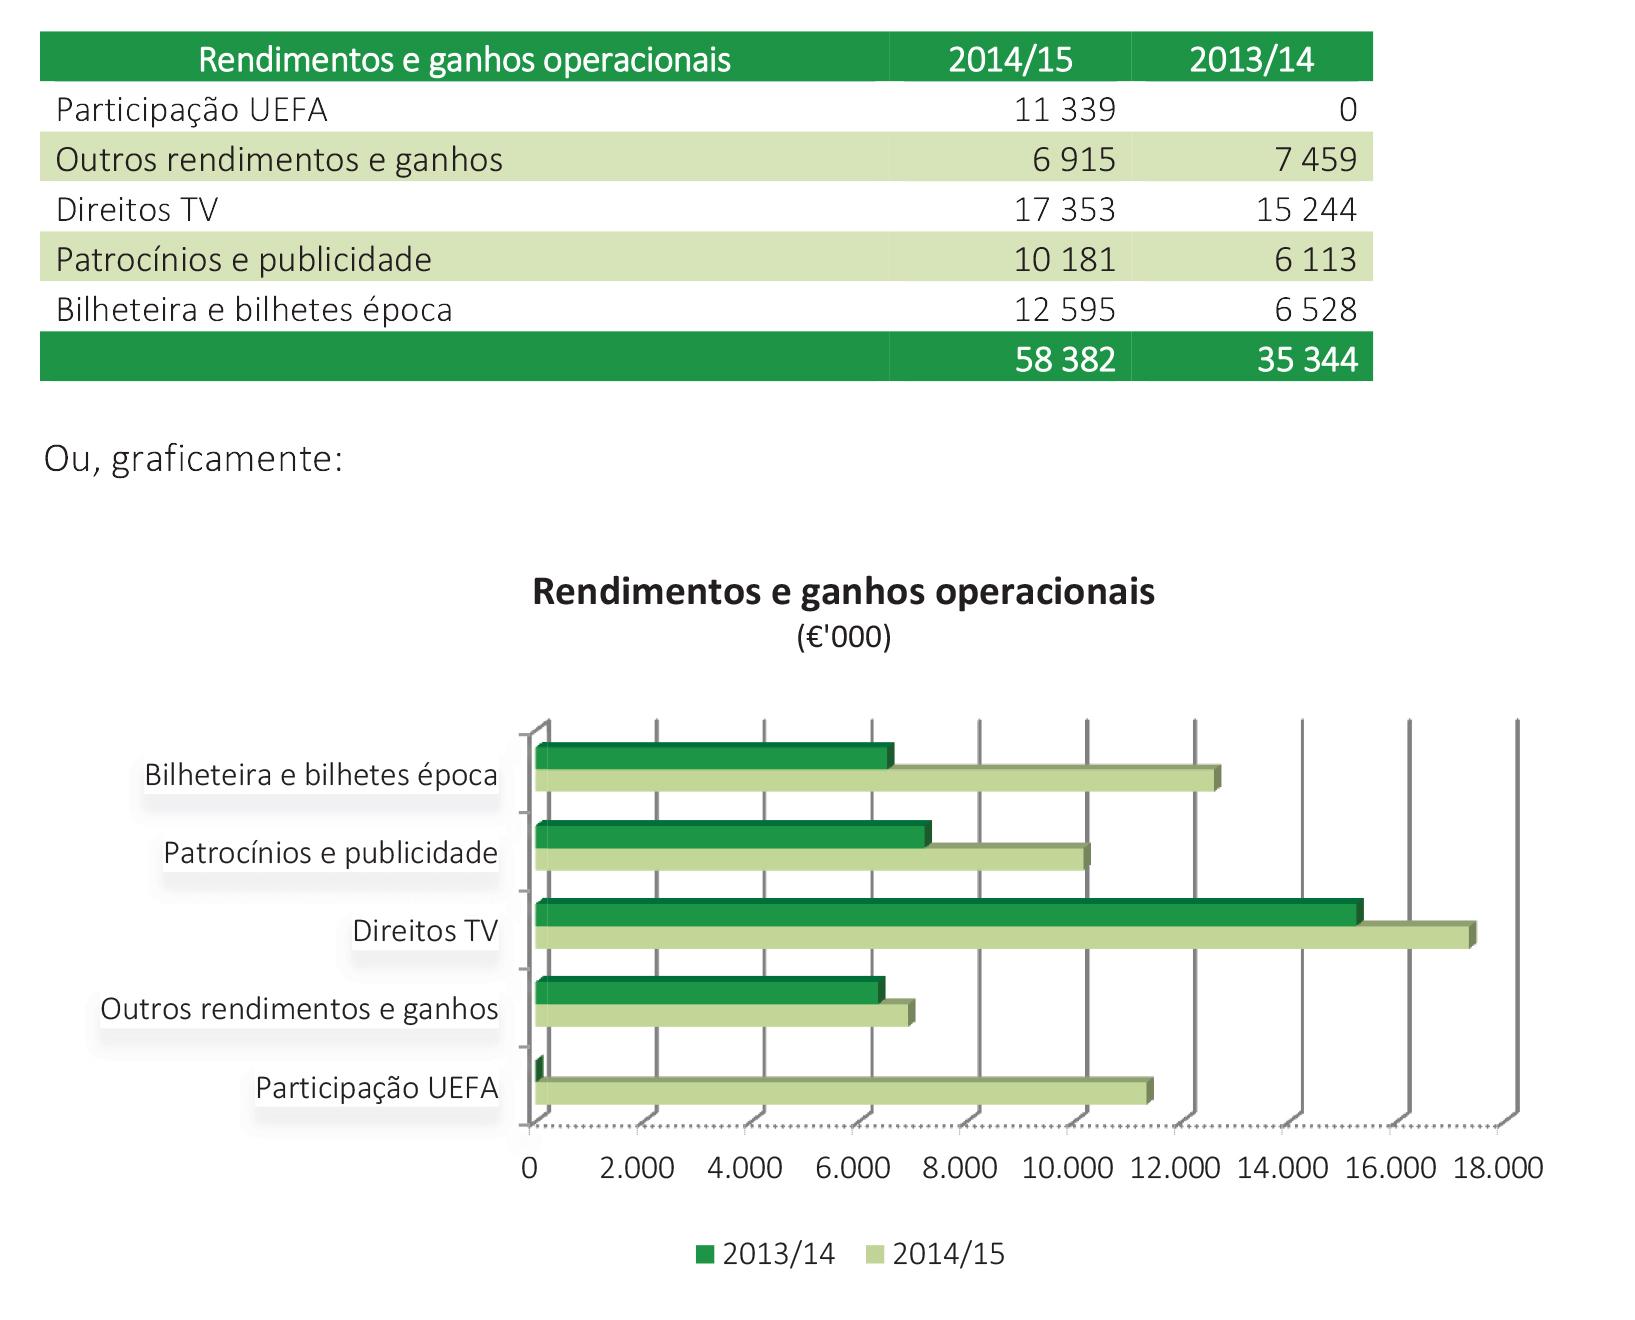 rendimentos e ganhos operacionais.jpg